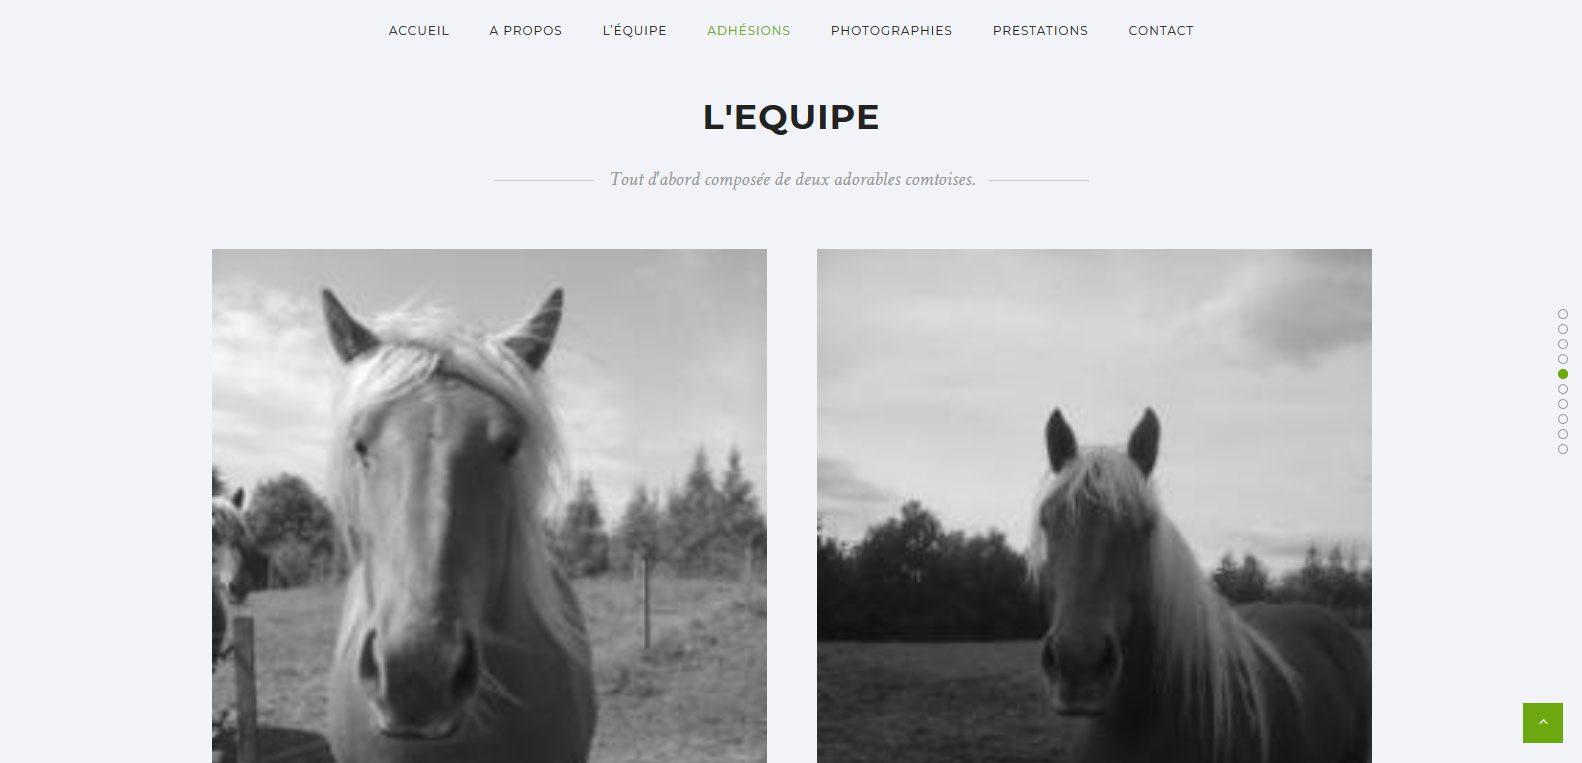 L'équipe de l'attelage 70, client Karedess, une agence web situé à Mulhouse